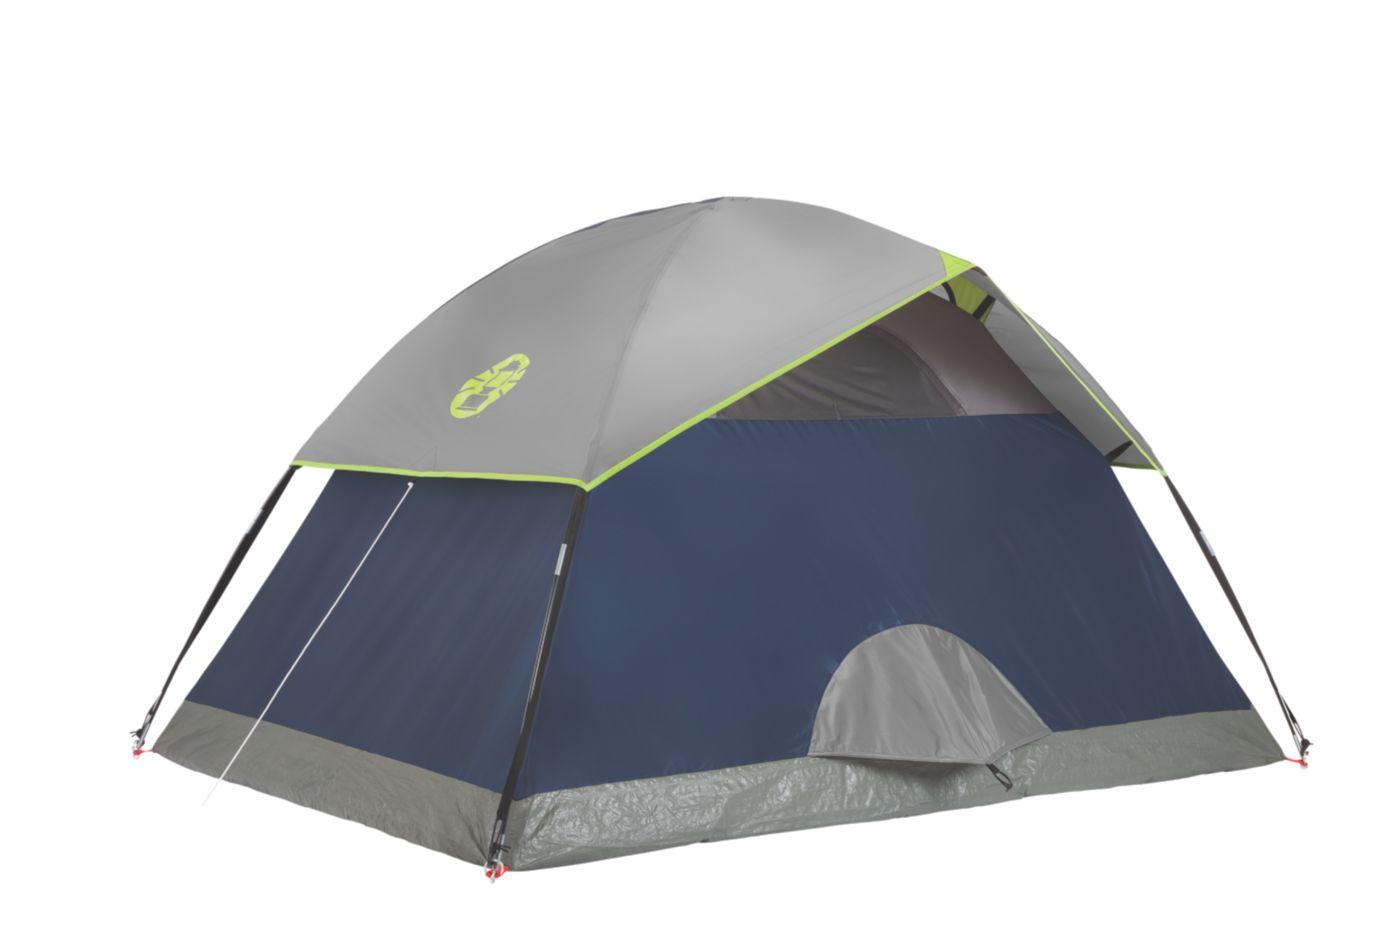 ... Sundome® 2-Person Dome Tent ...  sc 1 st  Coleman & 2 Person Dome Tent | Dome Tent | Coleman